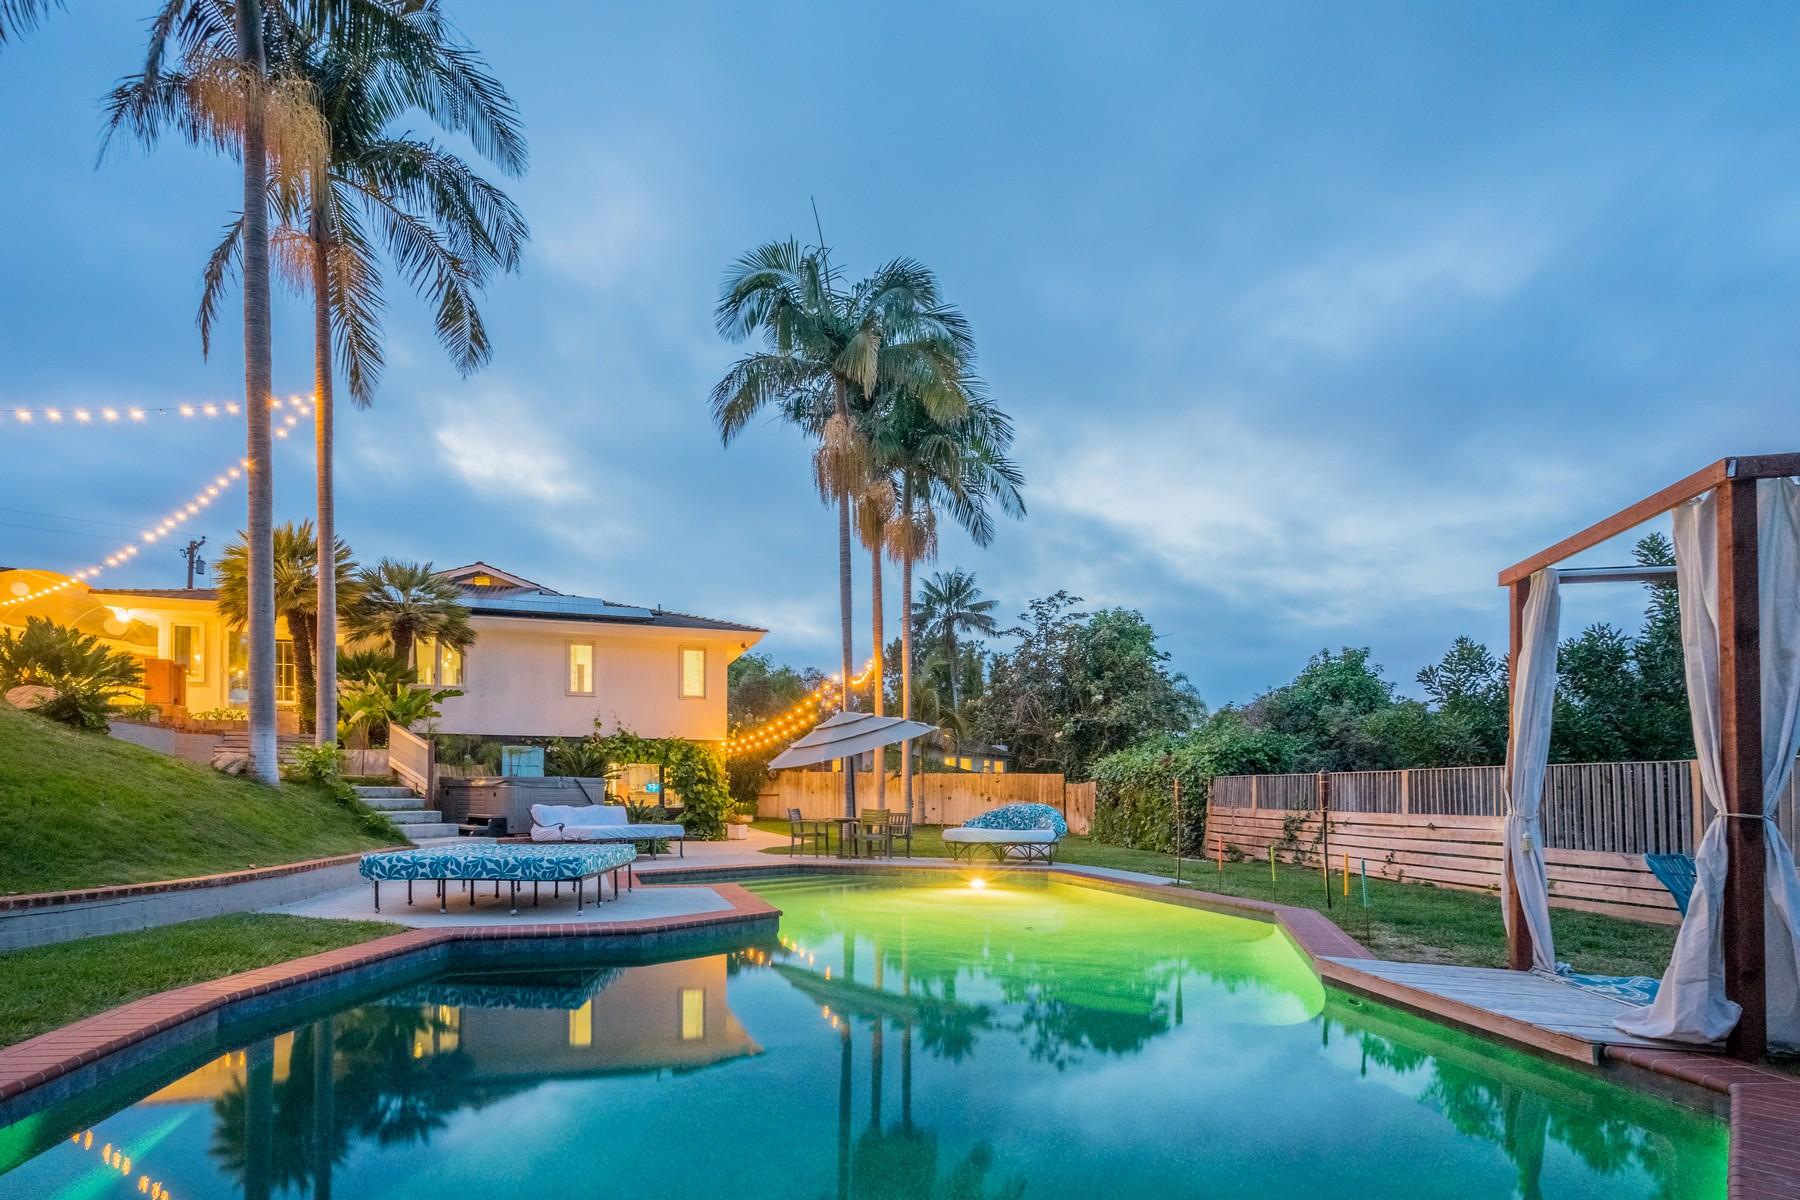 Single Family Home for Sale at 8031 La Jolla Scenic La Jolla, California 92037 United States